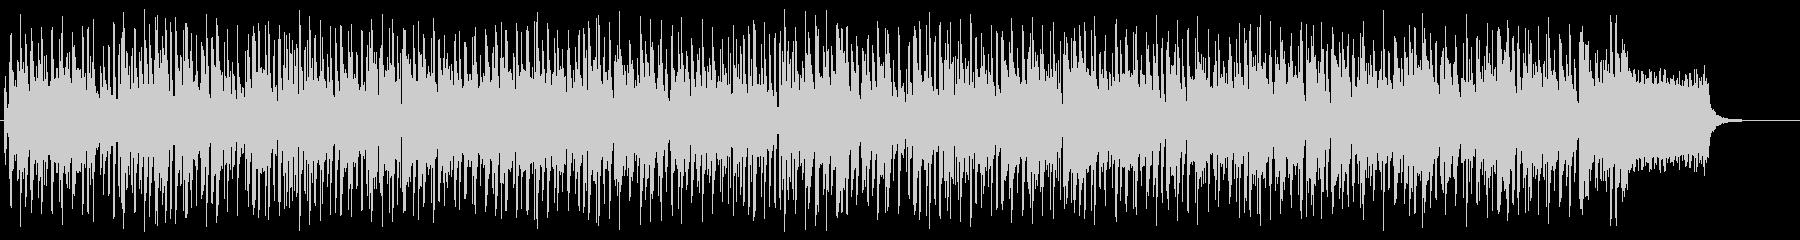 明るくスピーディなBGMの未再生の波形